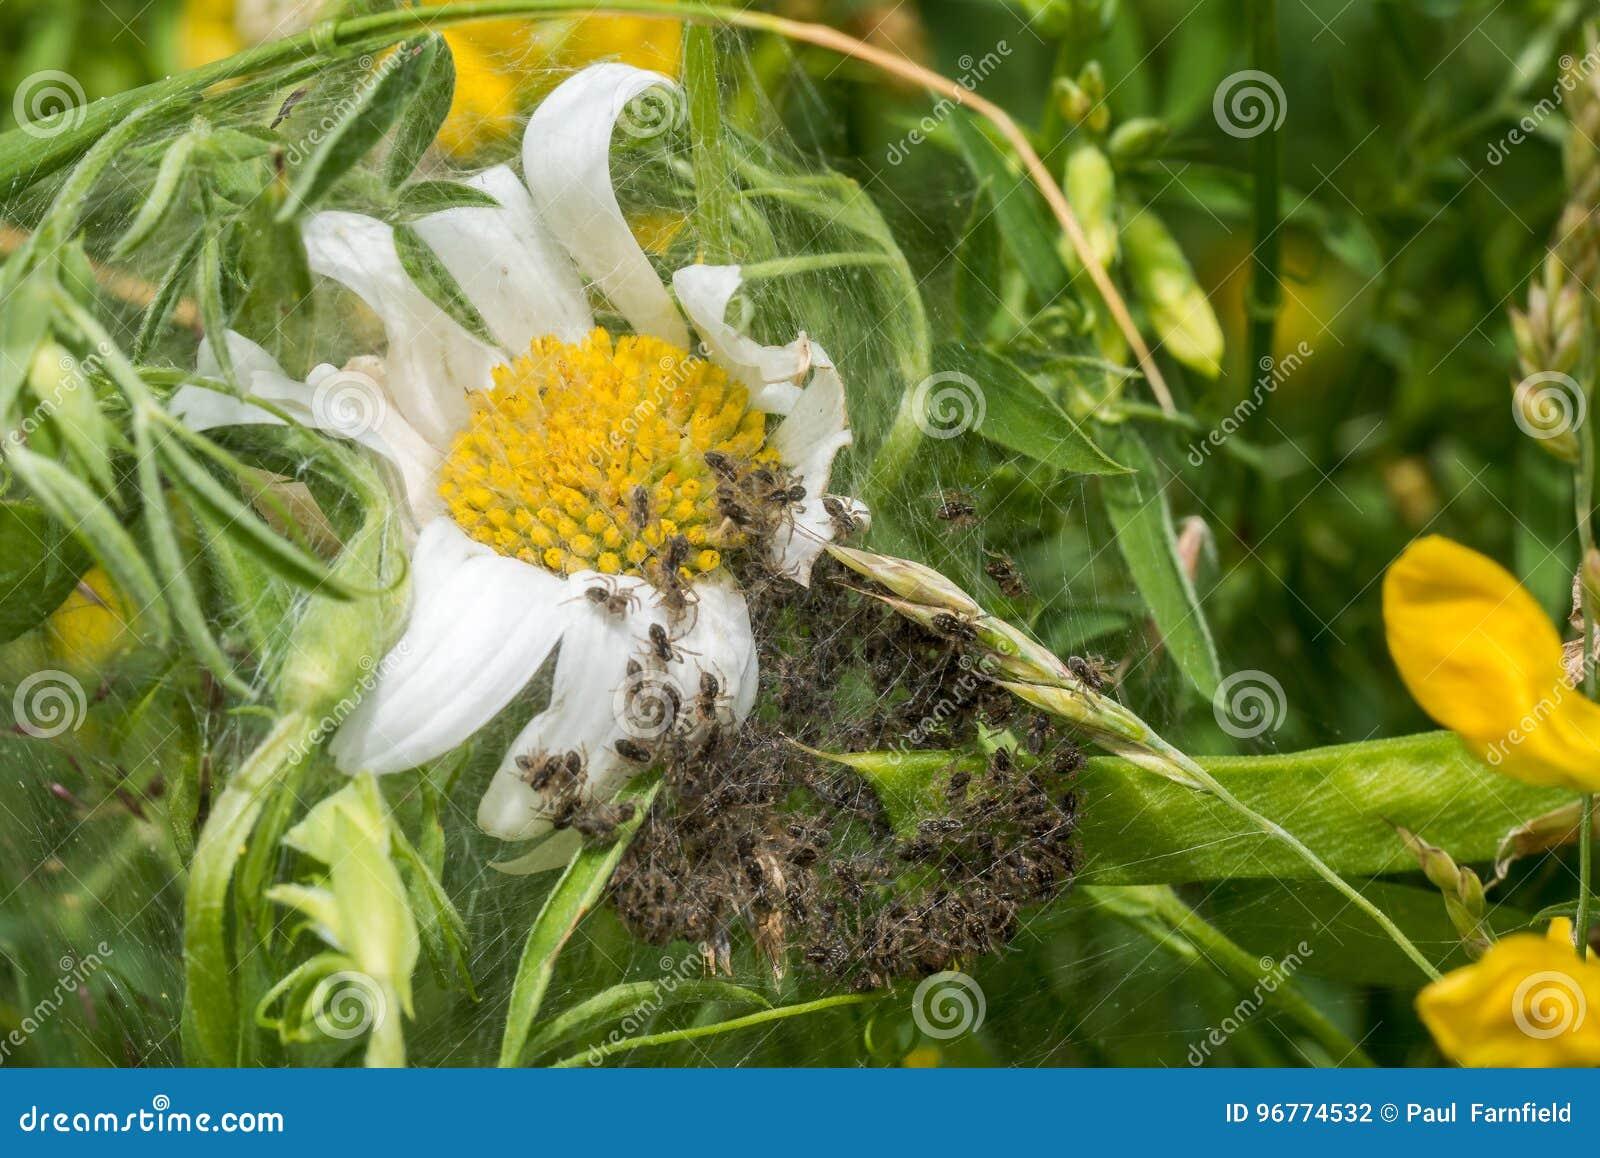 Spiderling creche or nursery